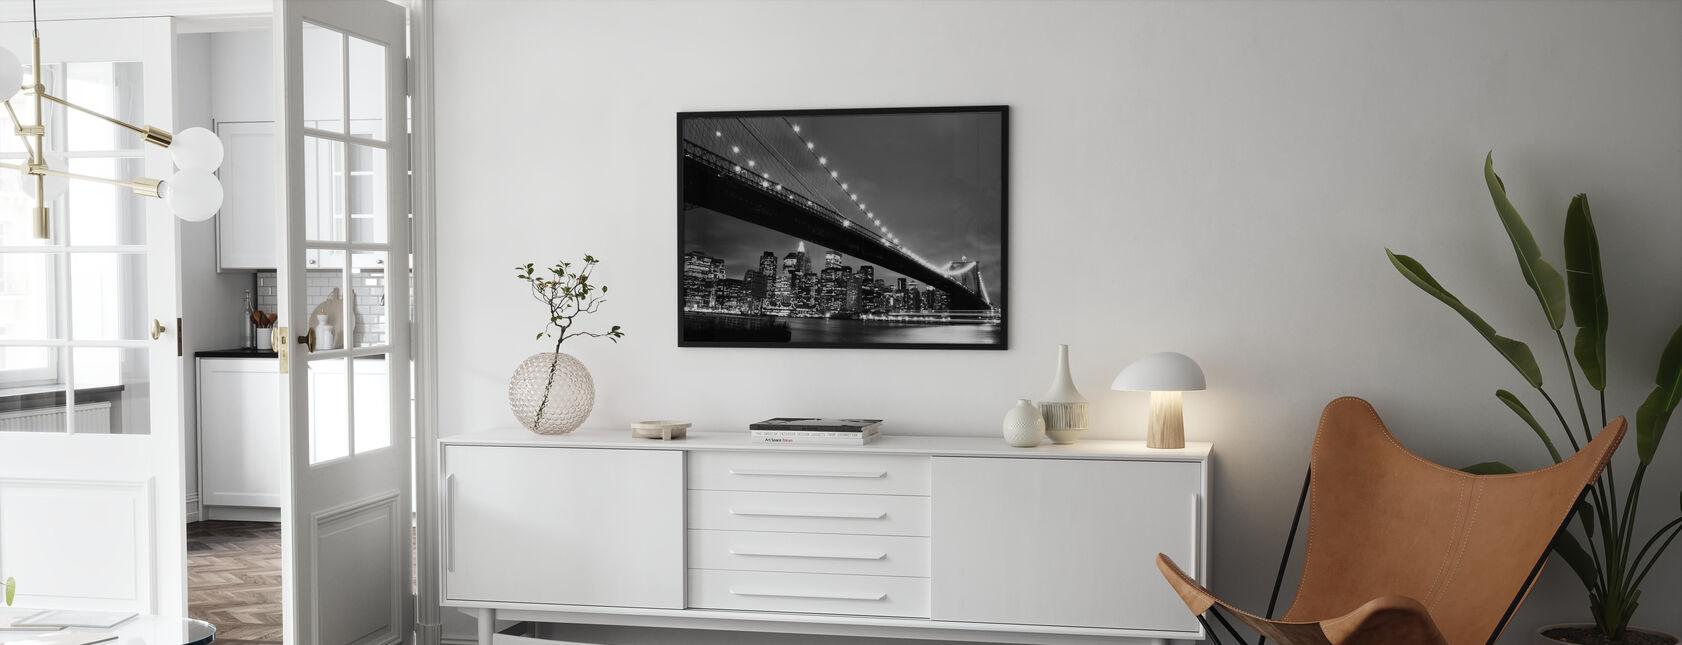 Brooklyn Bridge at Night - b/w - Poster - Living Room